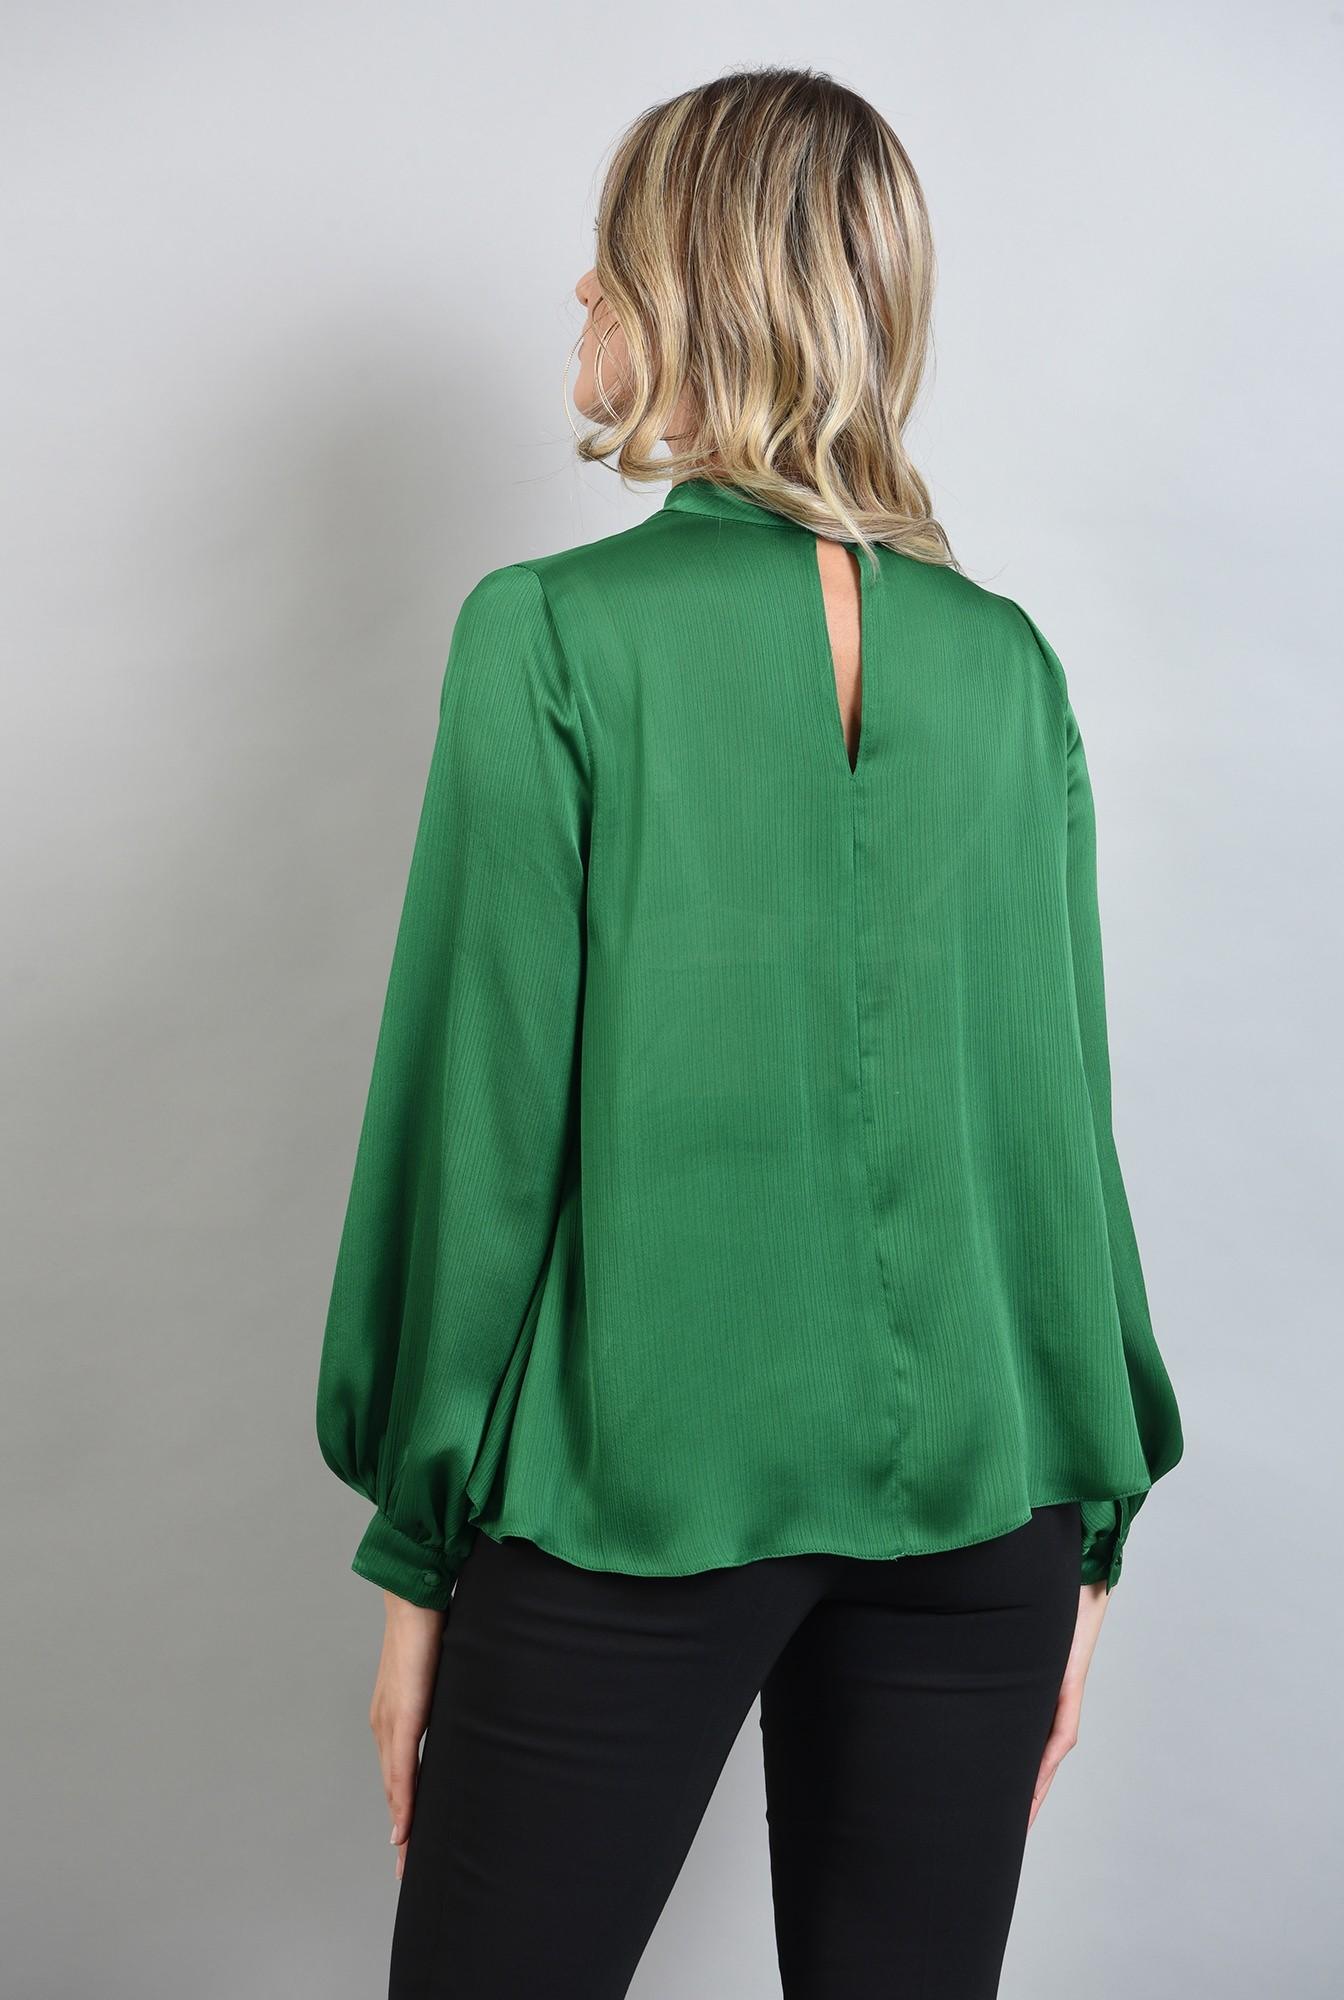 1 - bluza lejera, verde, cu guler inalt, cu pliuri